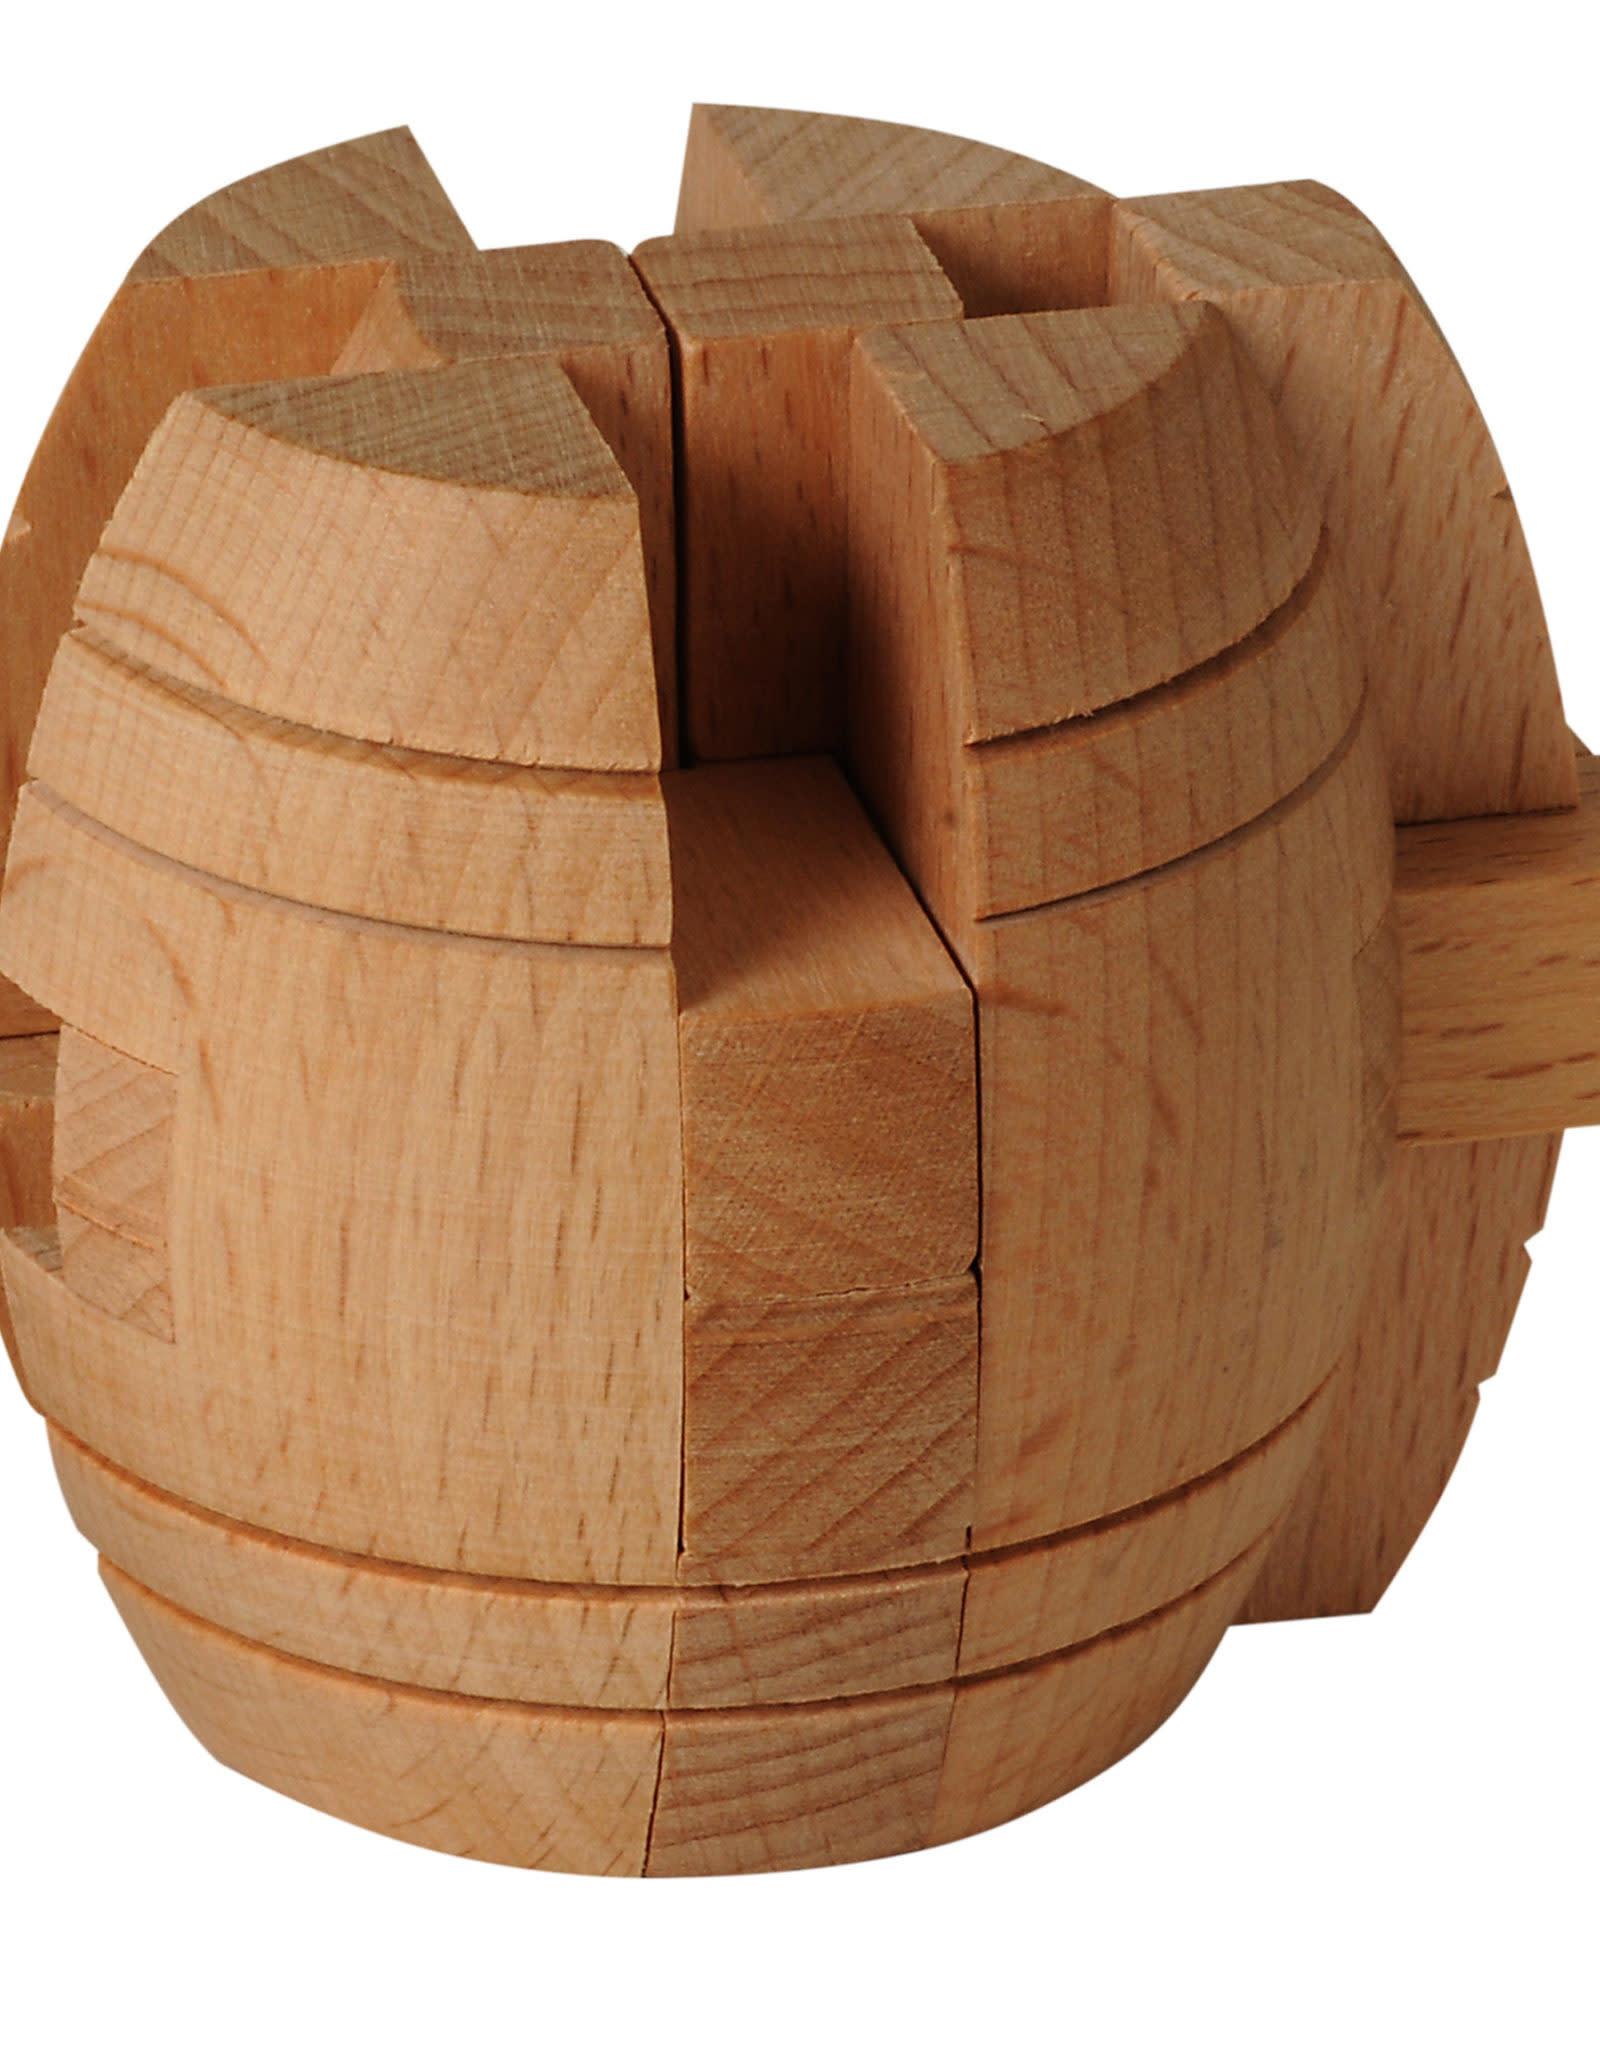 Wooden Barrel Puzzle